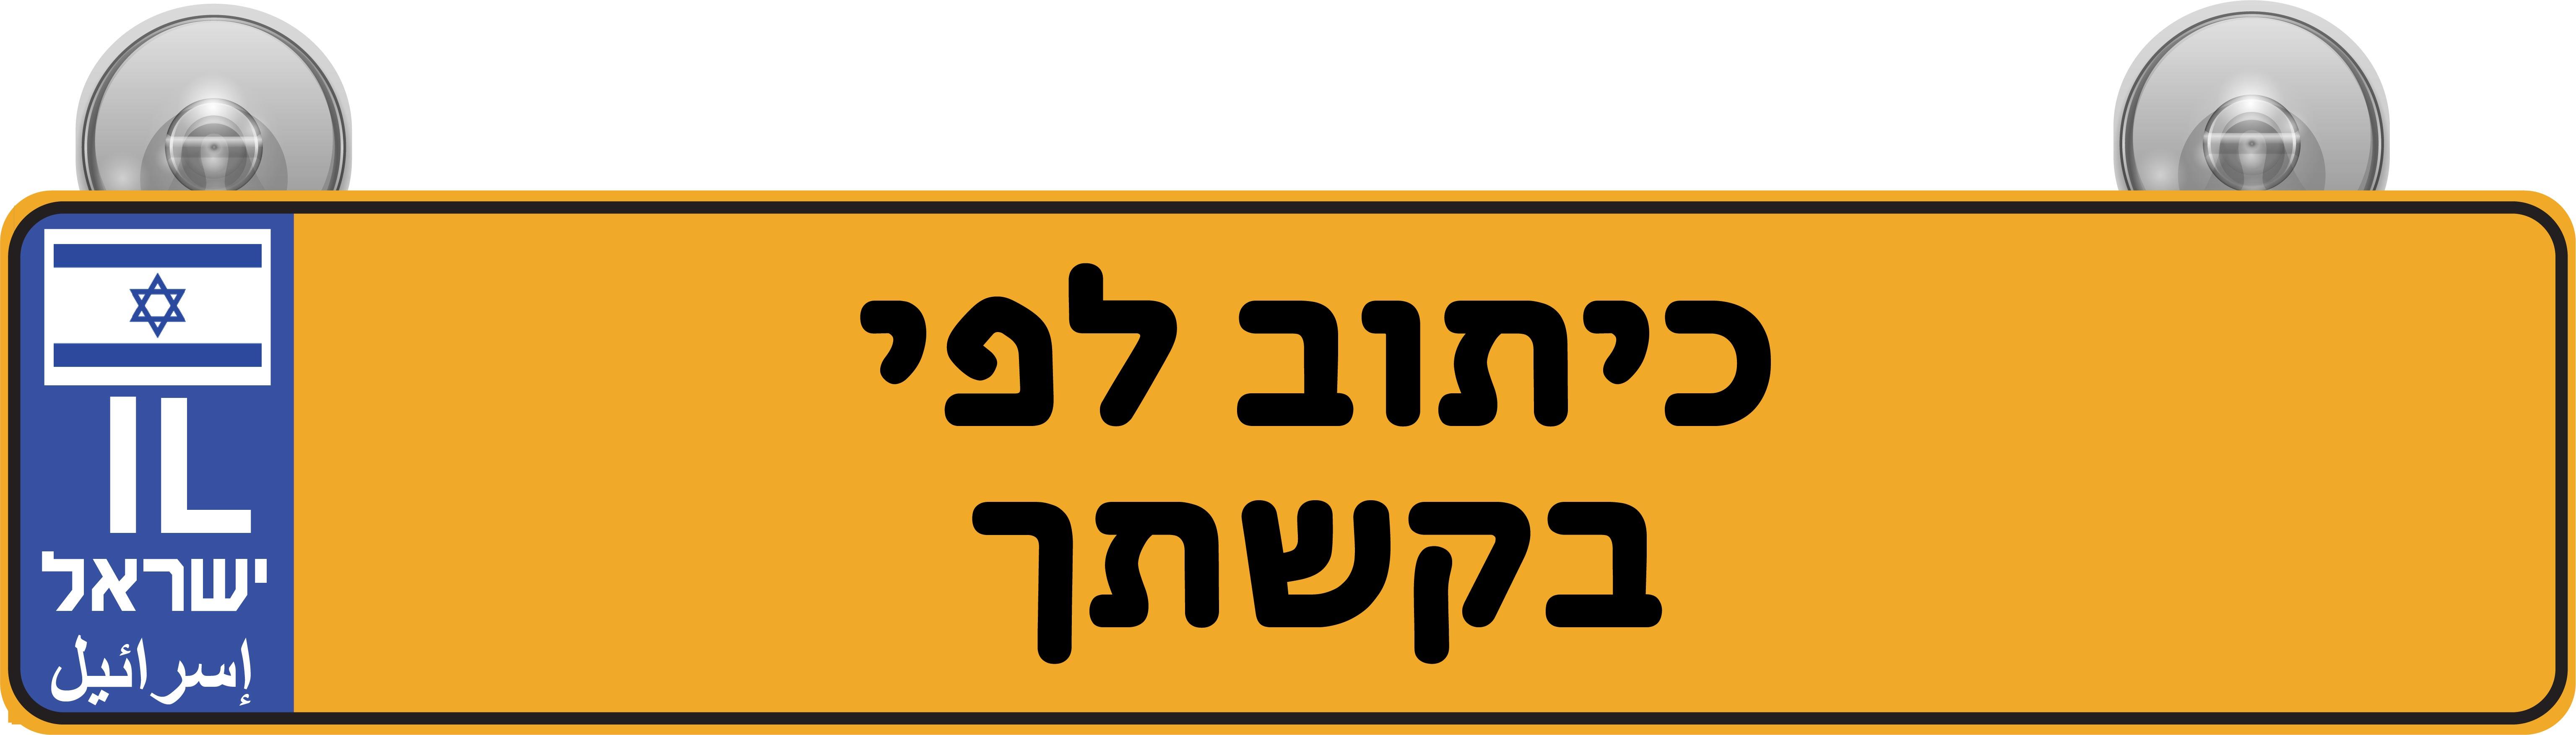 לוחית רישוי צהובה עם דגל 11/52 ס''מ + שרשרת לתליה